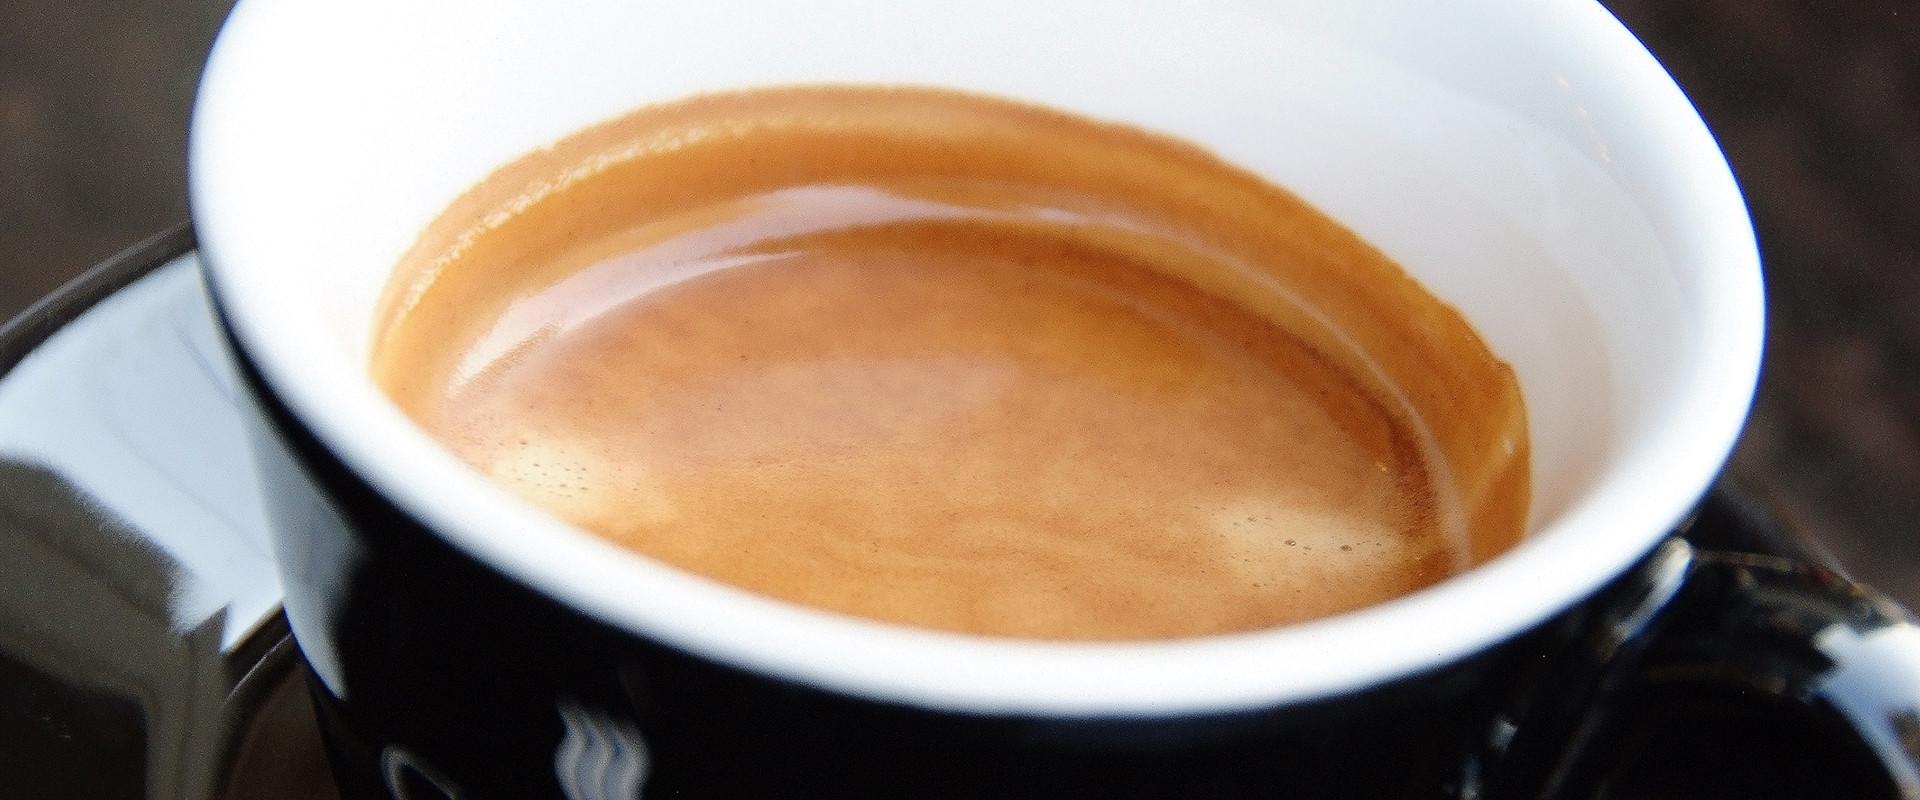 pioneer espresso